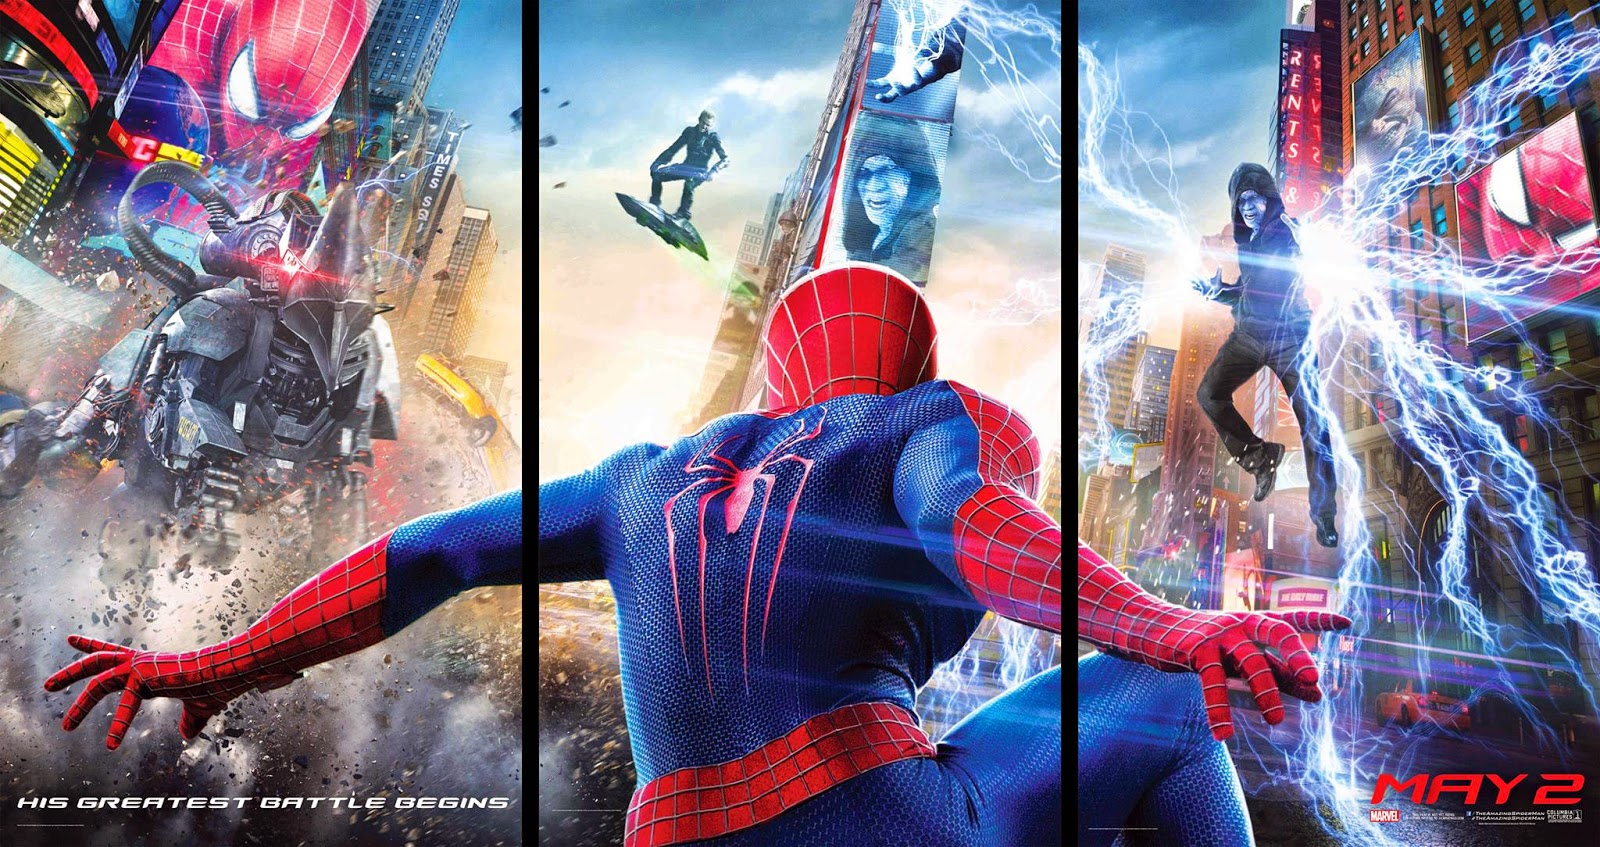 Người Nhện 2: Sự Trỗi Dậy Của Người Điện - The Amazing Spiderman 2: Rise of Electro - 2014